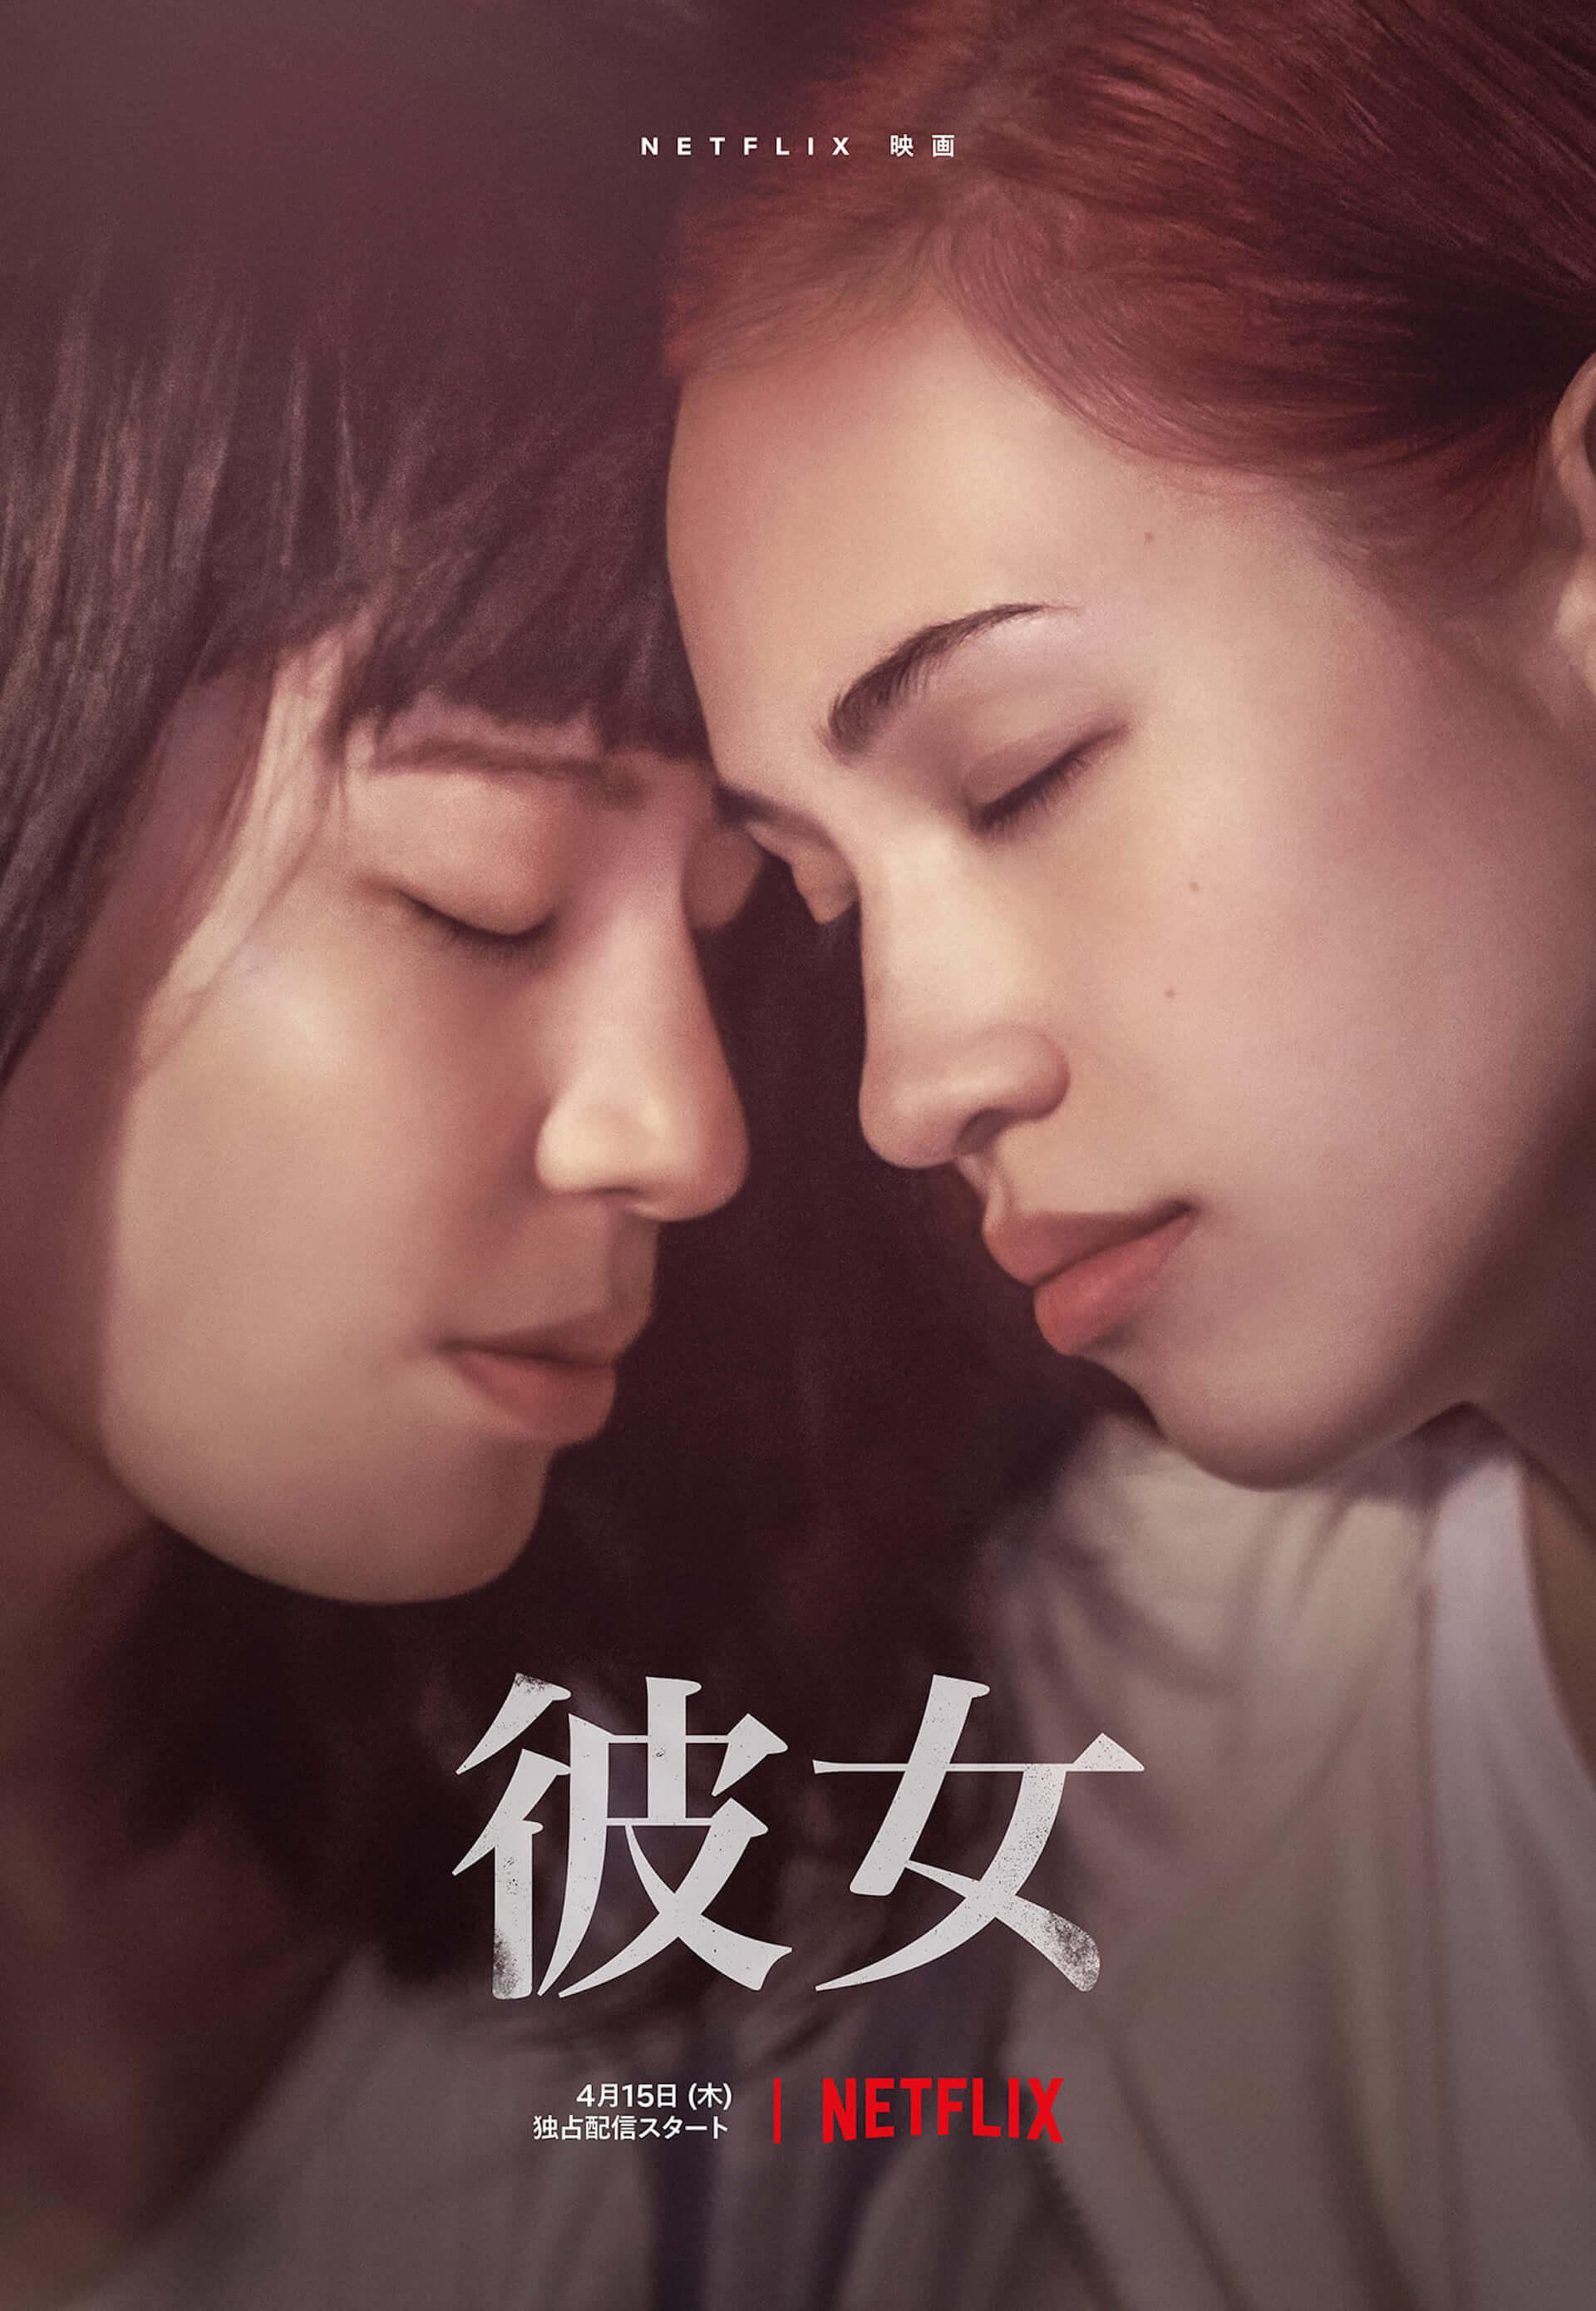 水原希子とさとうほなみ演じる2人の愛の行方とは…Netflix映画『彼女』のティーザー予告編&場面写真が解禁 film210224_netflix-kanojo_2-1920x2780